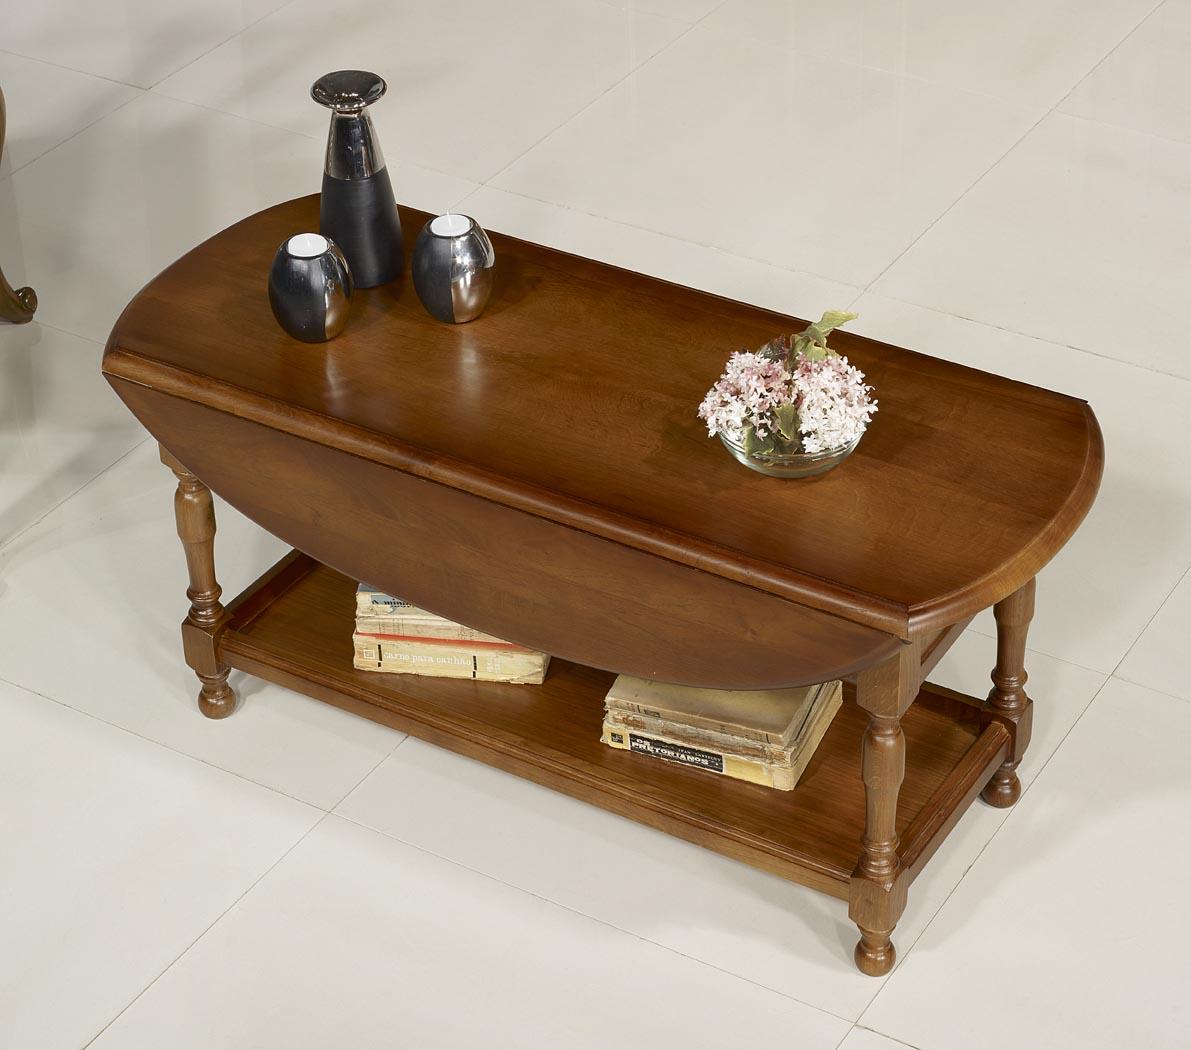 Table basse en ch ne massif de style louis philippe for Table basse en chene massif